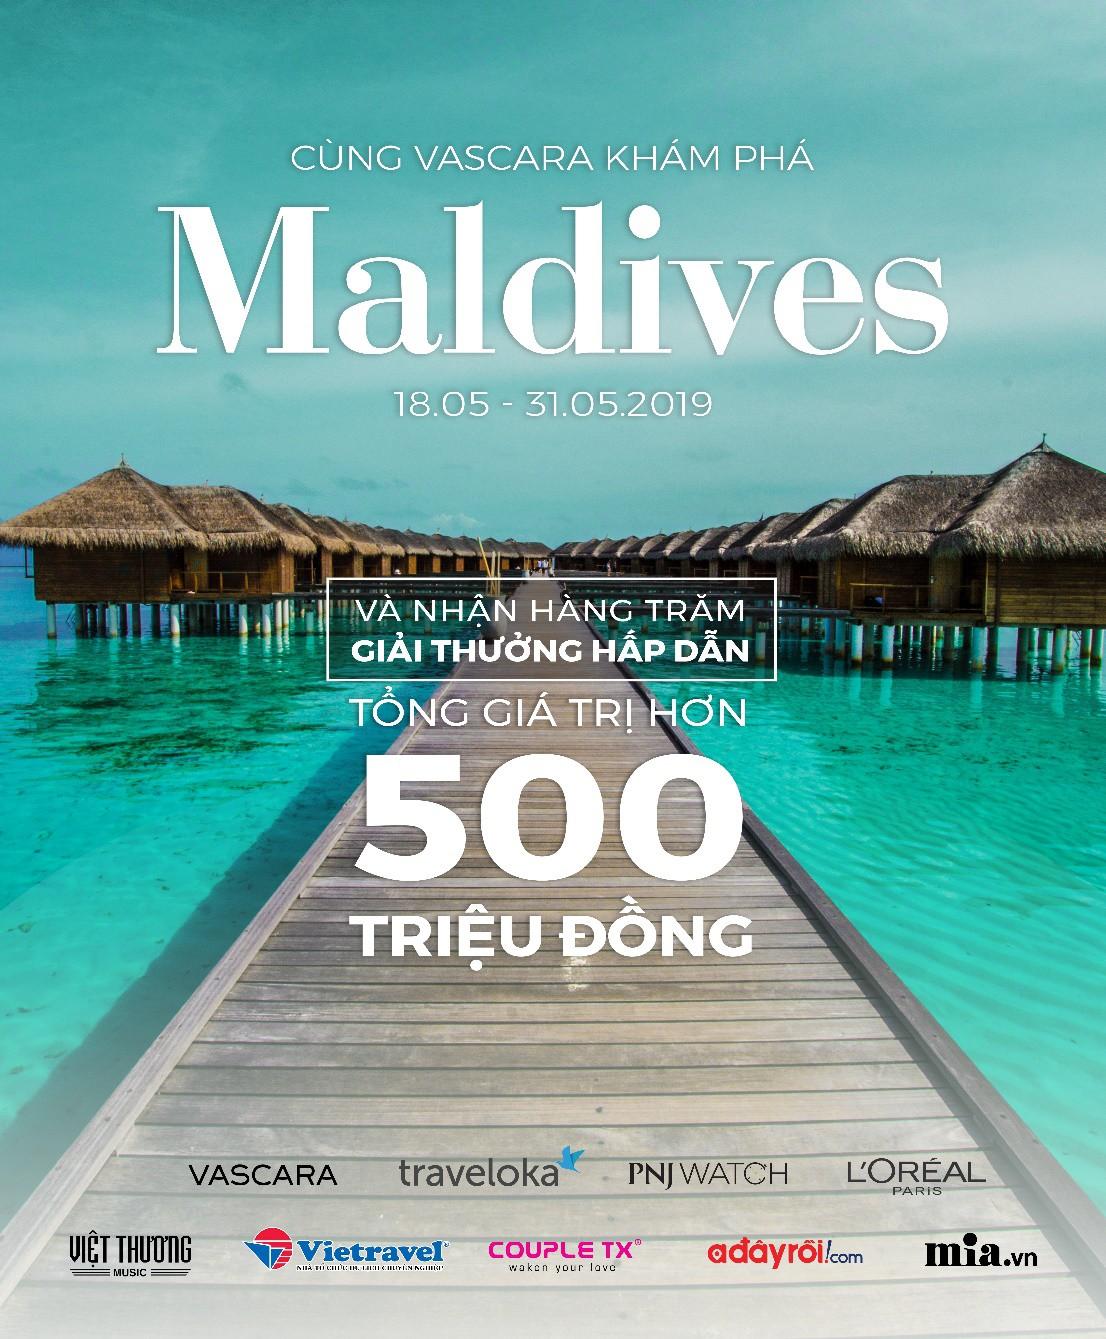 Các tín đồ thời trang đã sẵn sàng du lịch Maldives cùng Vascara? - Ảnh 2.